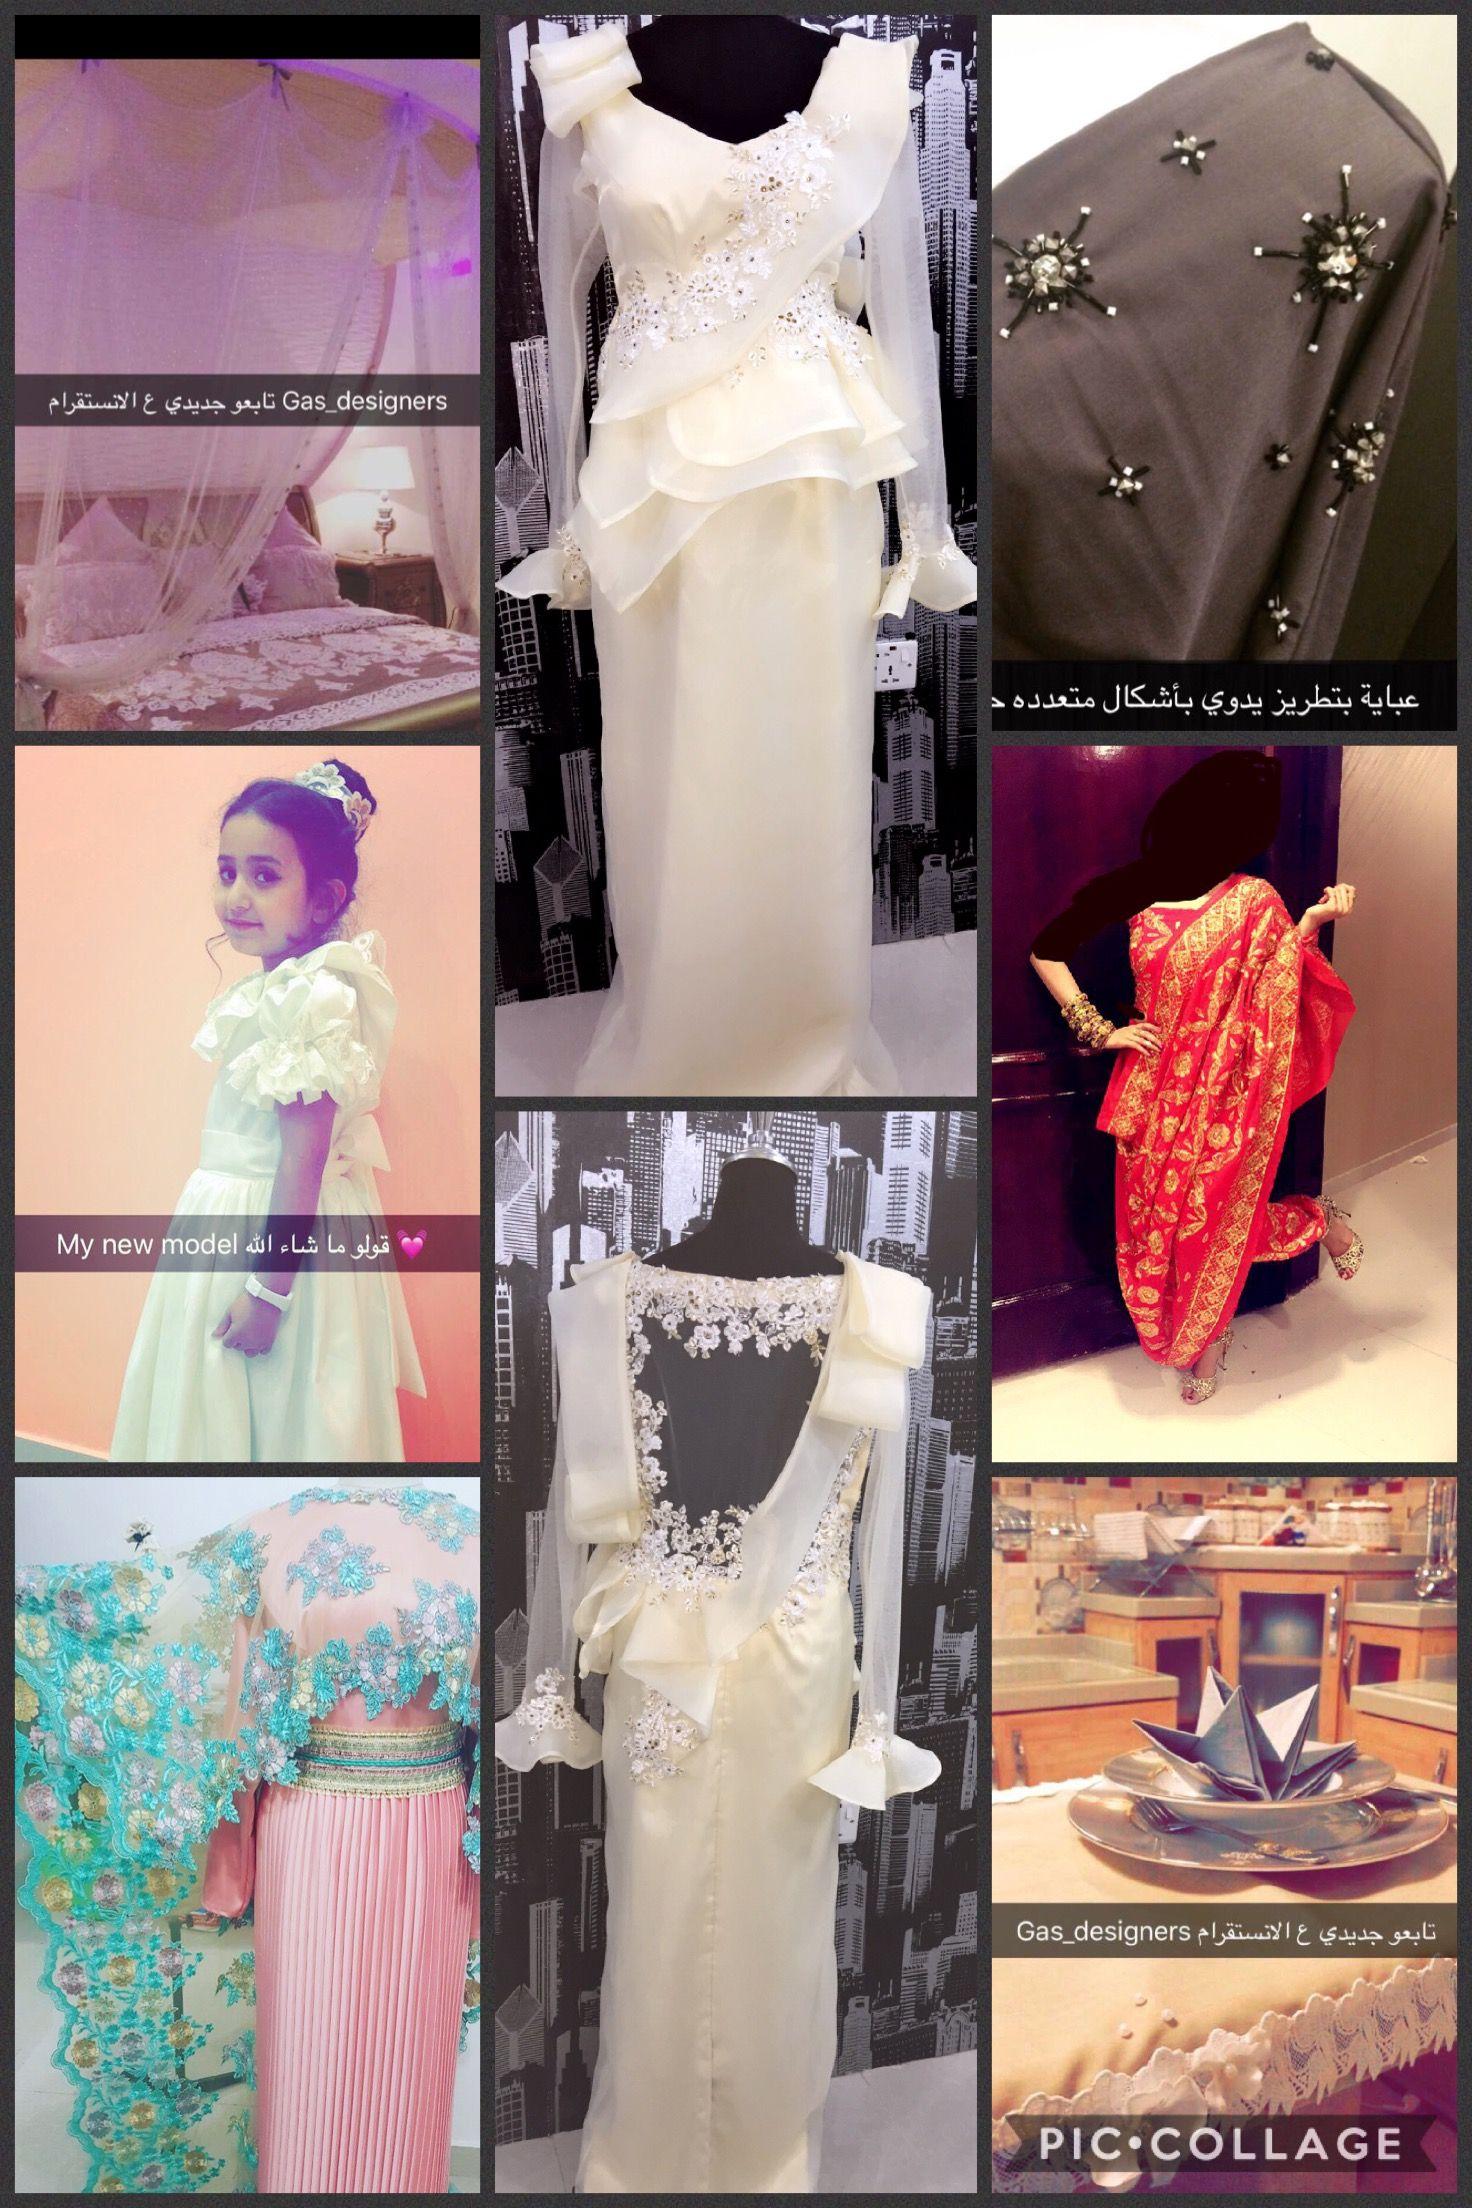 0a259177e9ff5 معلومات عن الاإعلان   معمل غفران سندي للخياطة النسائية في المدينة المنورة  لتصميم و خياطة جميع